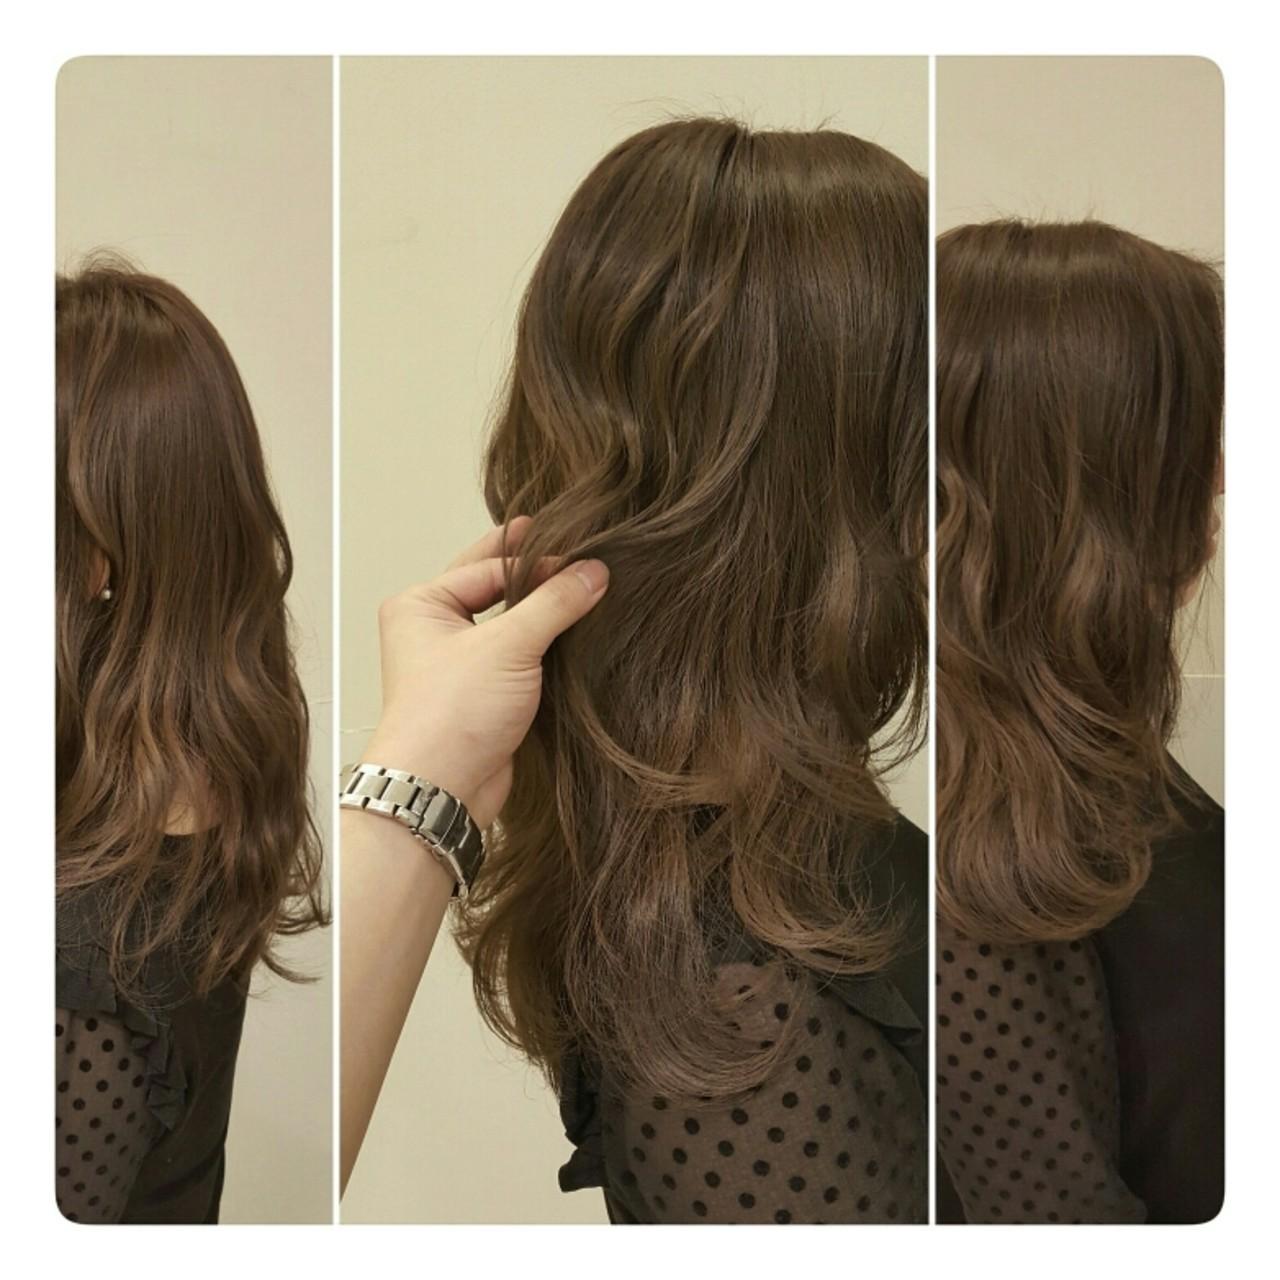 アンニュイ 巻き髪 暗髪 ナチュラル ヘアスタイルや髪型の写真・画像